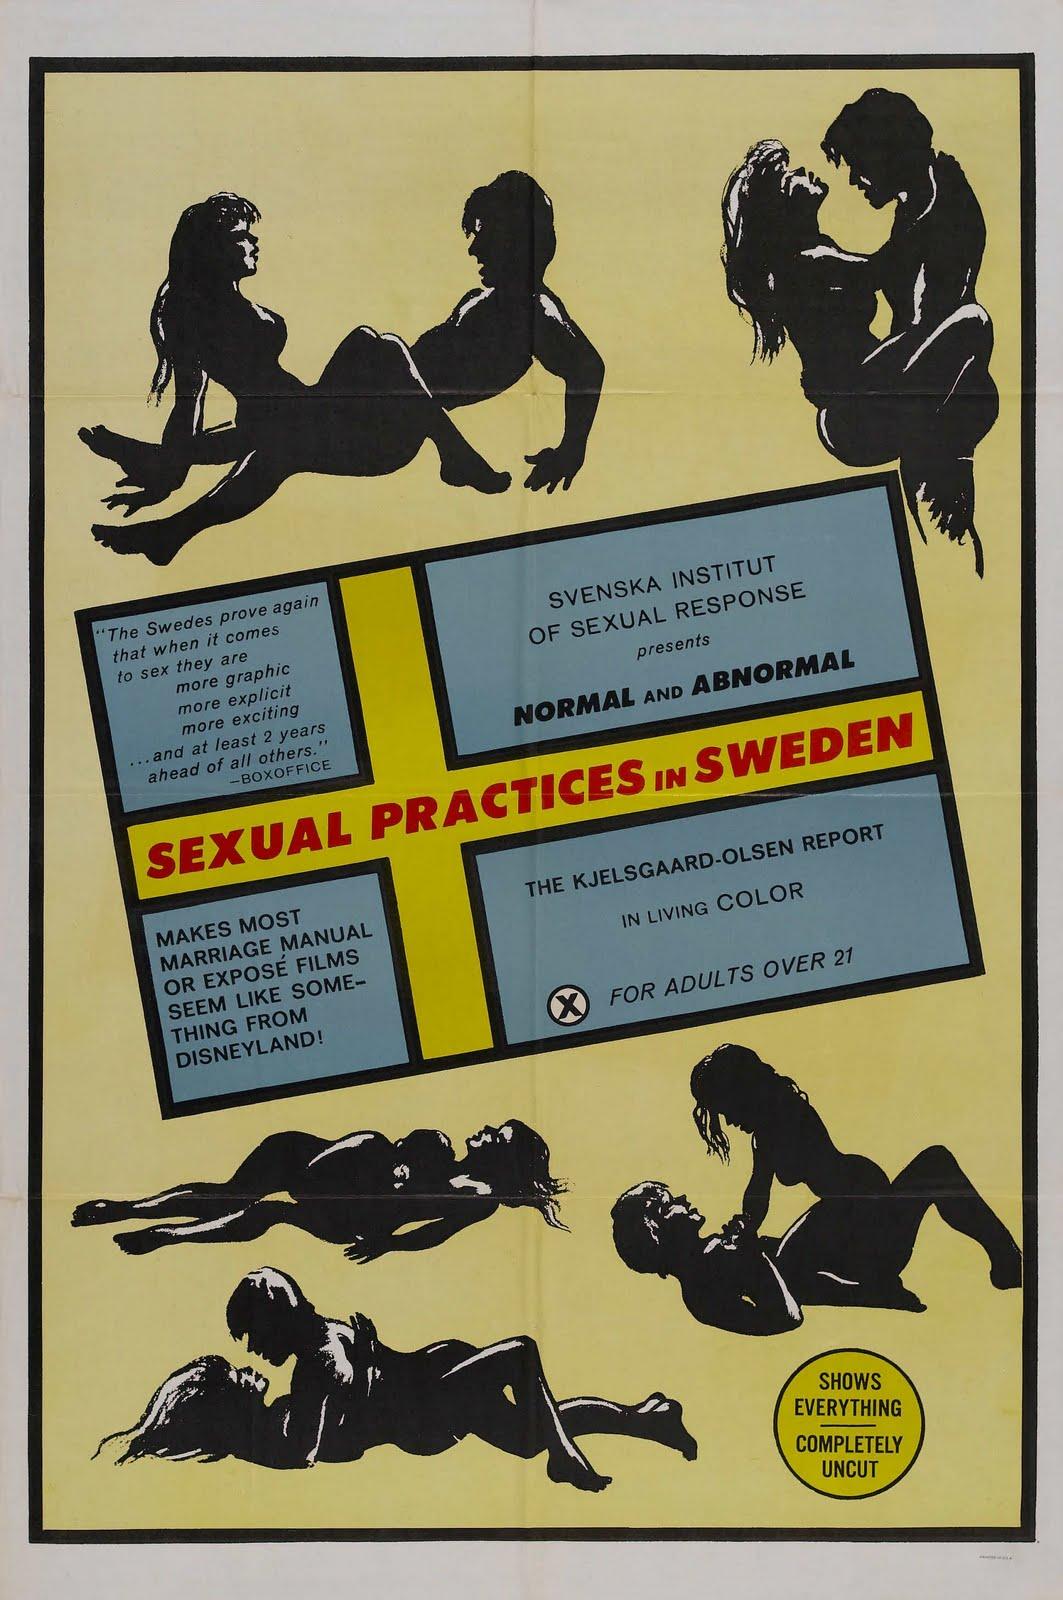 http://1.bp.blogspot.com/_VM9GL4LXfMw/TShdJEYieOI/AAAAAAAAA1Q/etTYwaQAAd4/s1600/sexual_practices_in_sweden_poster_01.jpg